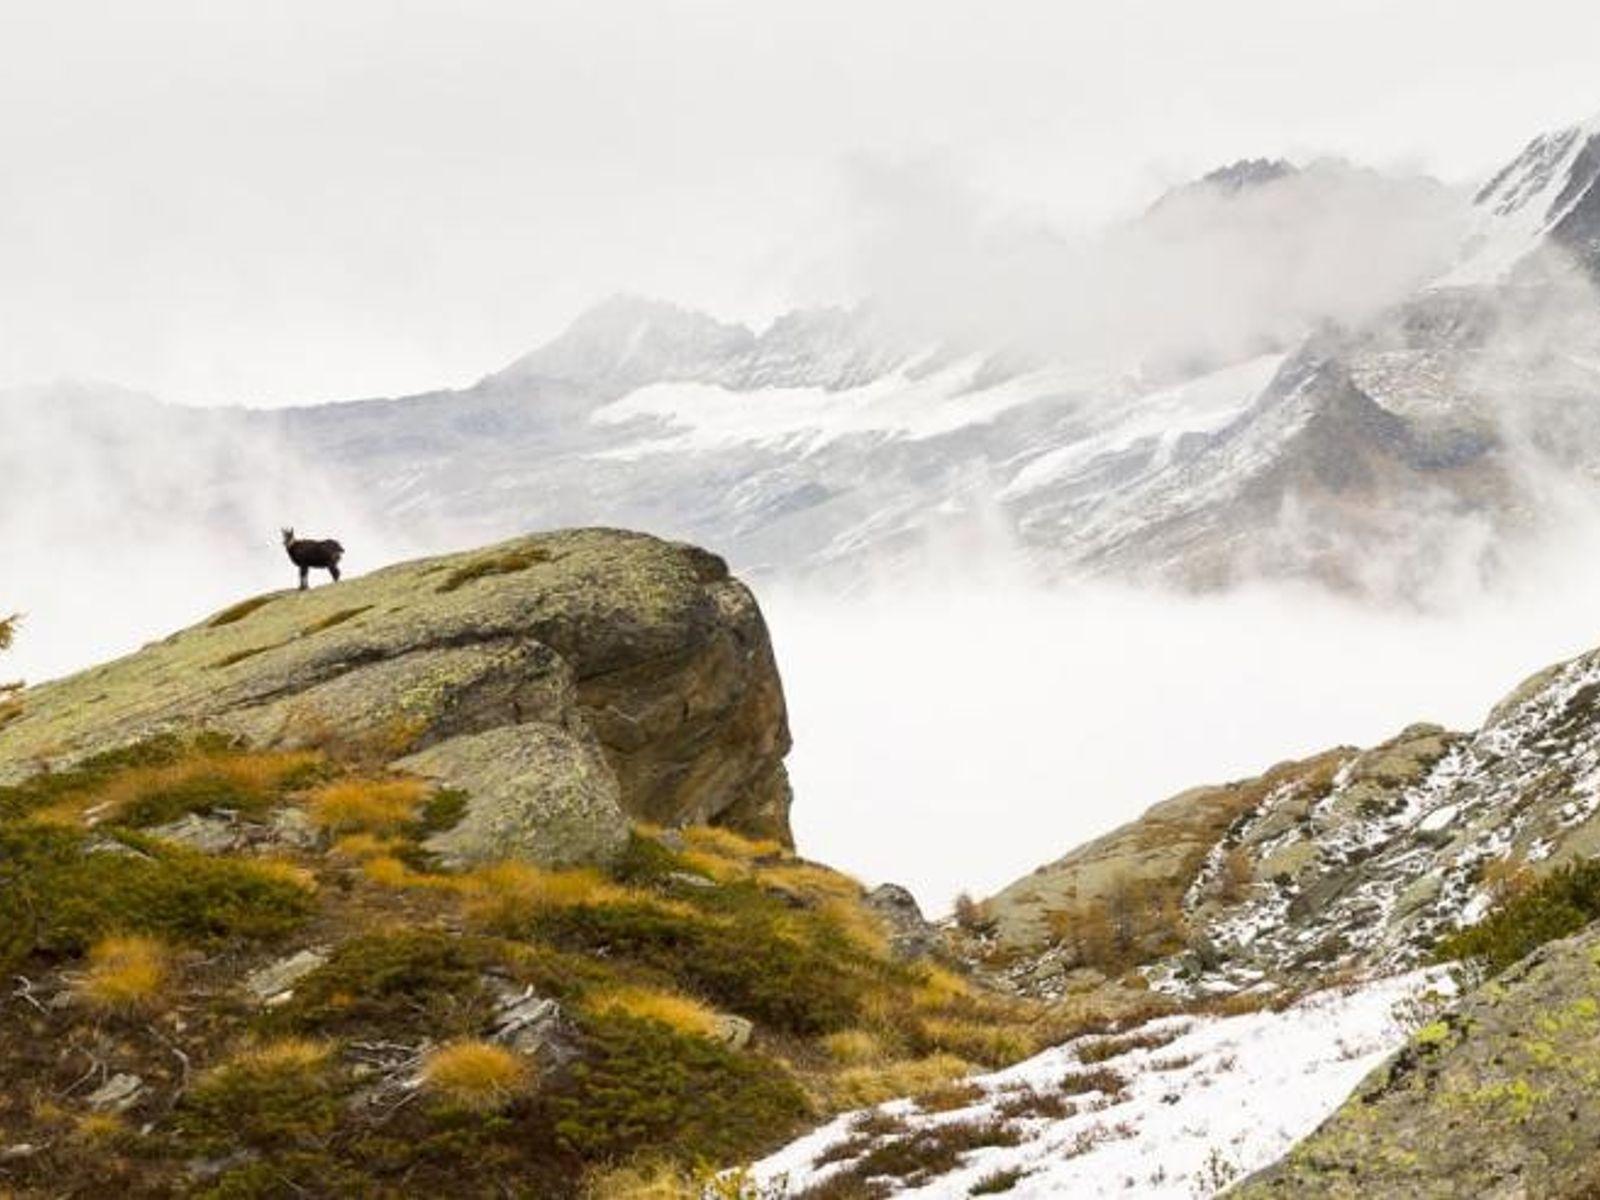 Eine Alpengams (Rupicapra rupicapra) steht vor einer Bergkulisse im Nationalpark Gran Paradiso im Aostatal, Italien.